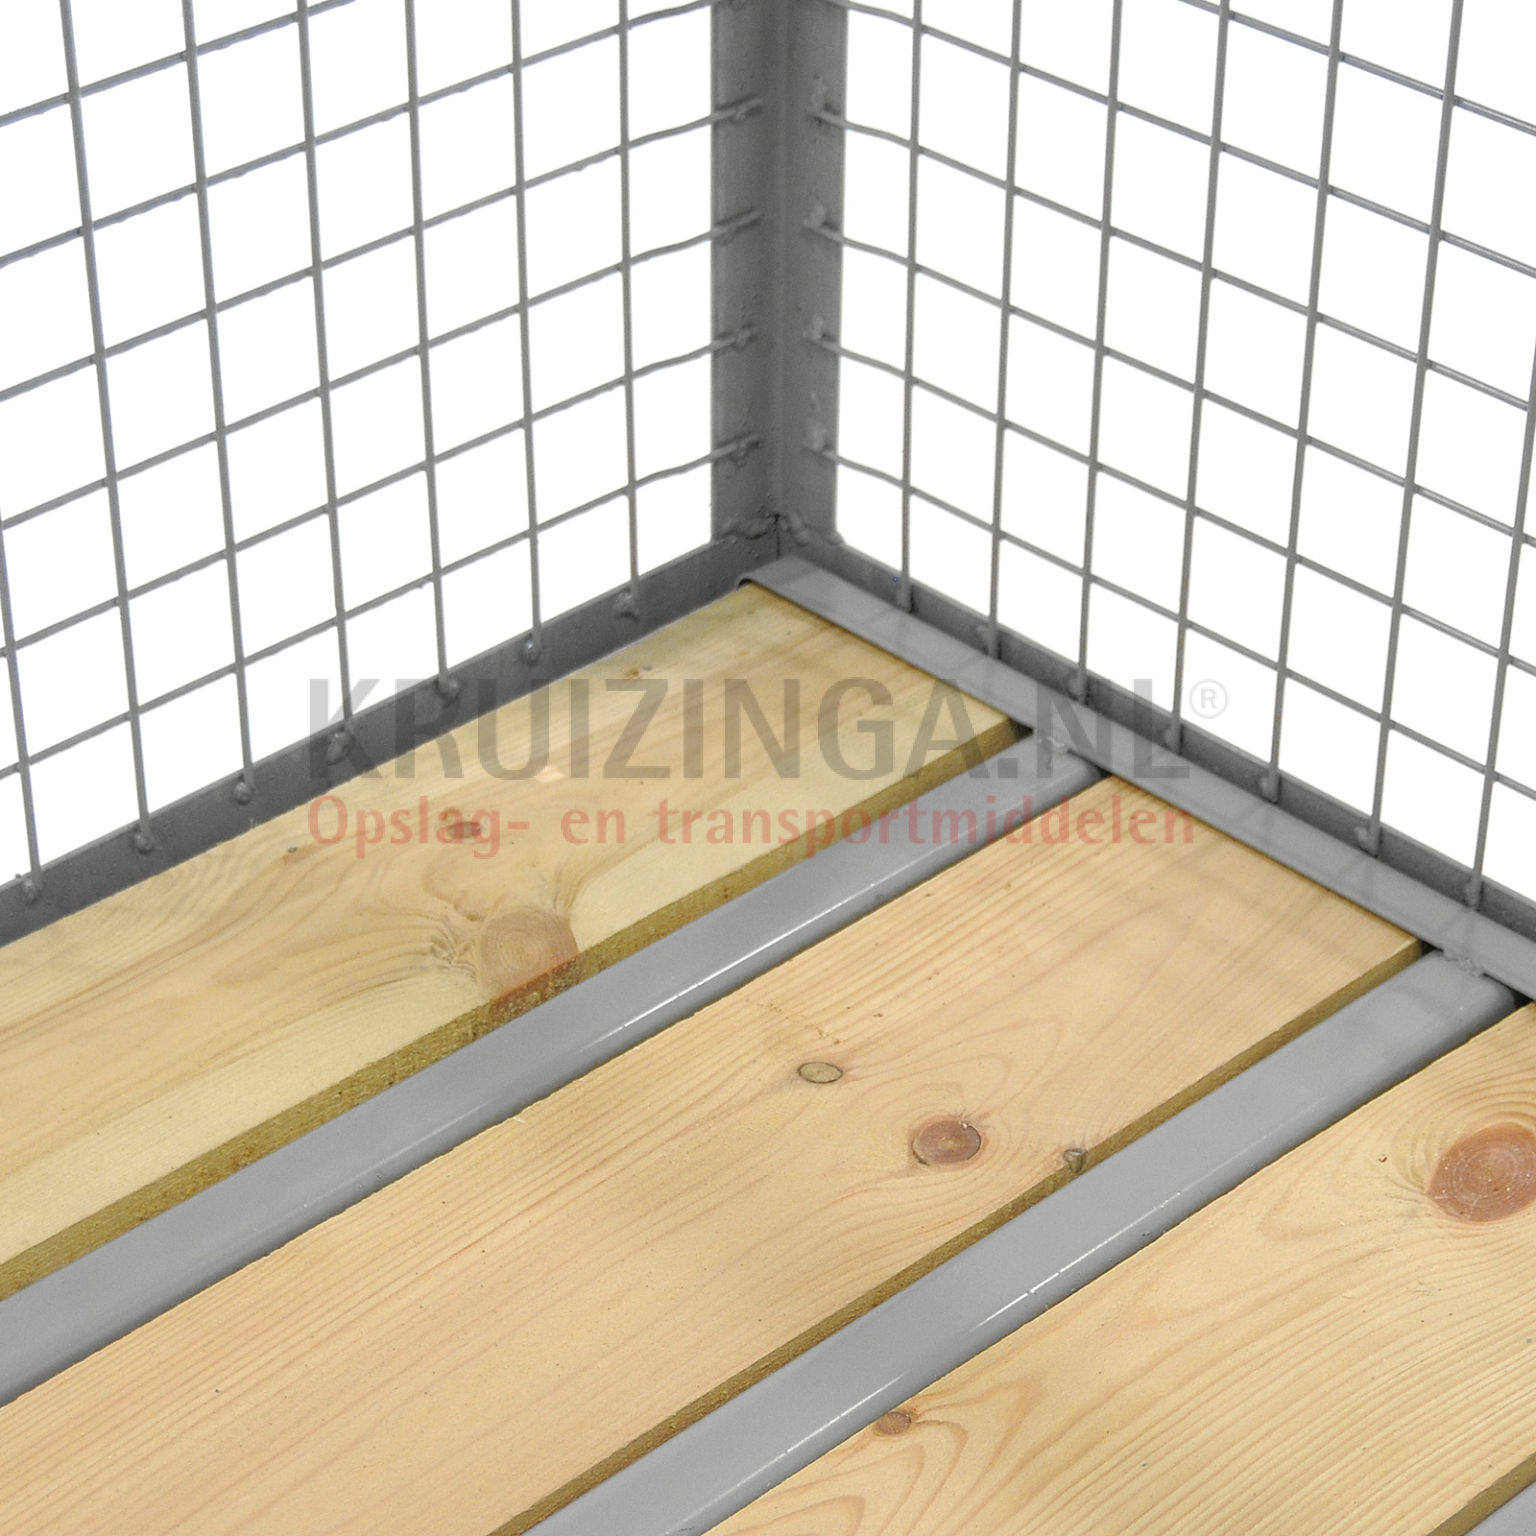 caisse palette grillag e construction compact ex cution. Black Bedroom Furniture Sets. Home Design Ideas